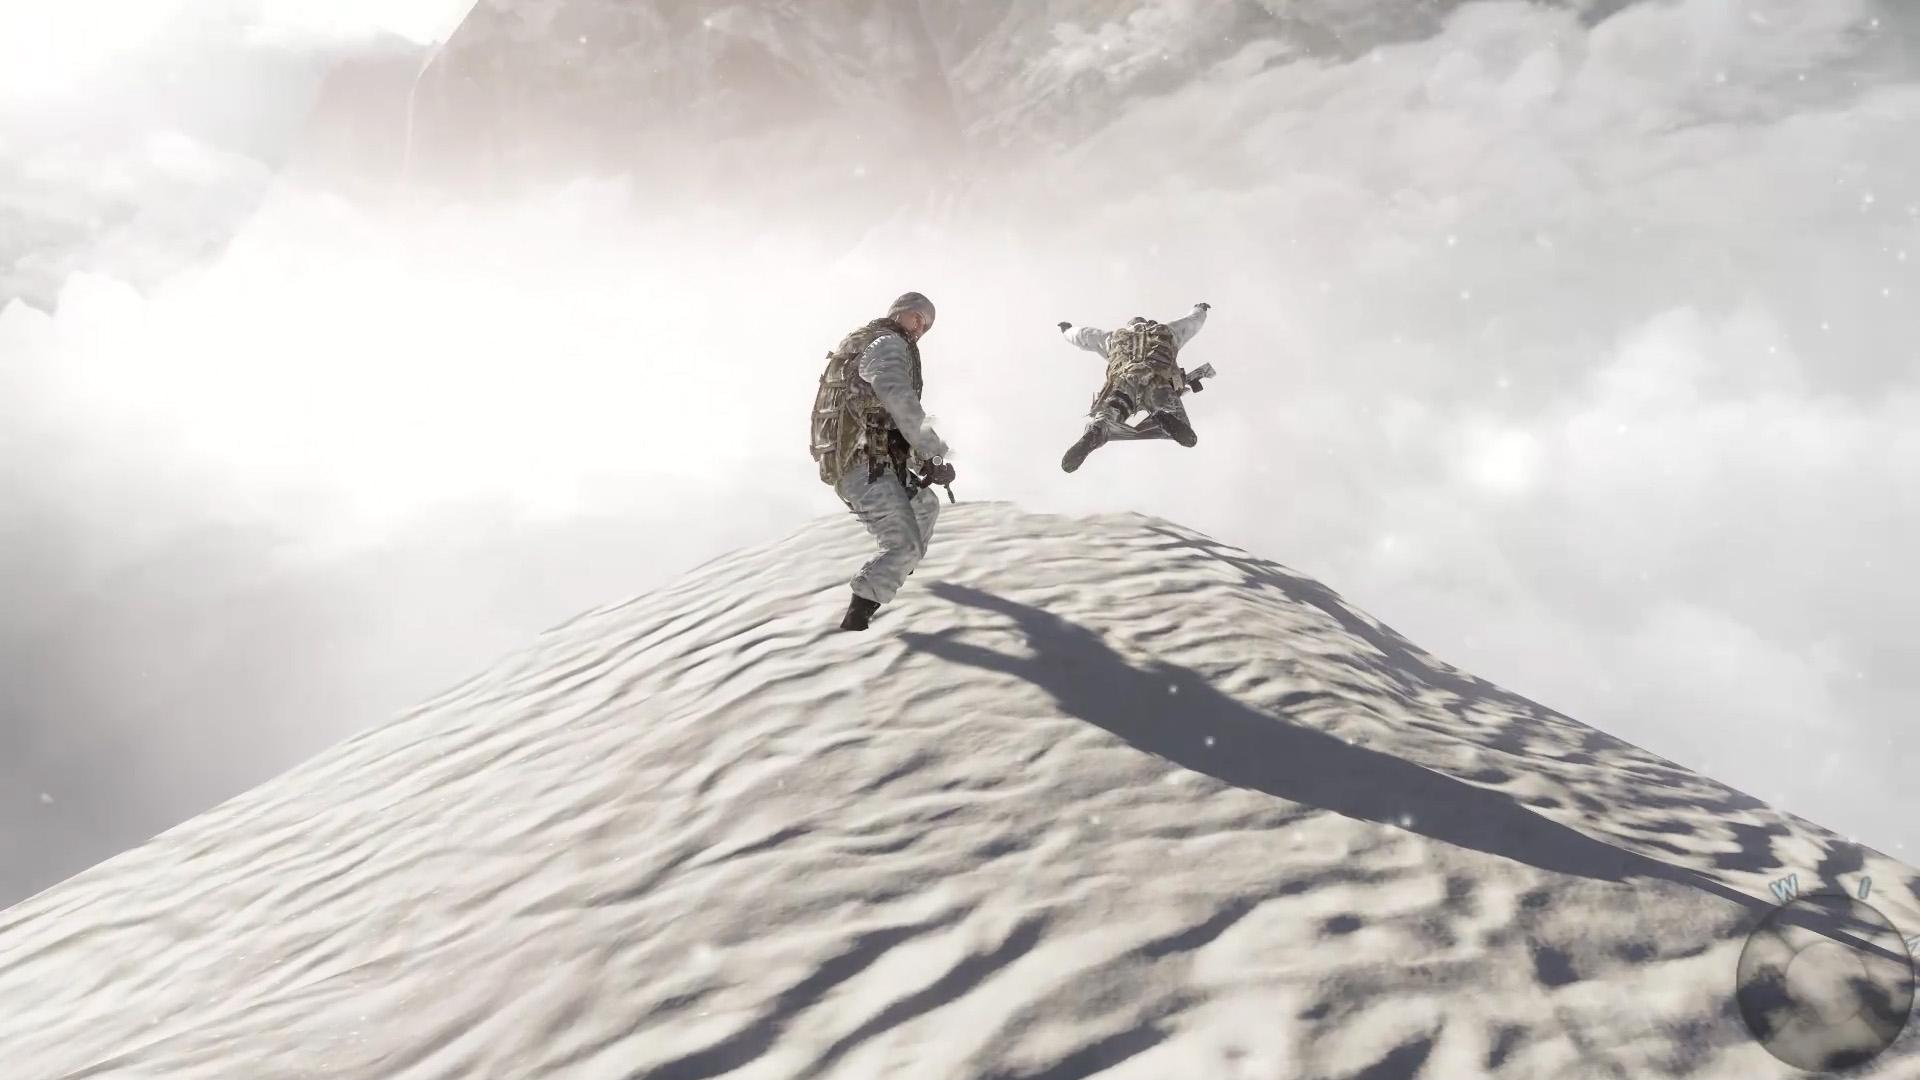 使命召唤7:崩塌中的大雪山,争分夺秒的大逃离,被迫跳崖逃生